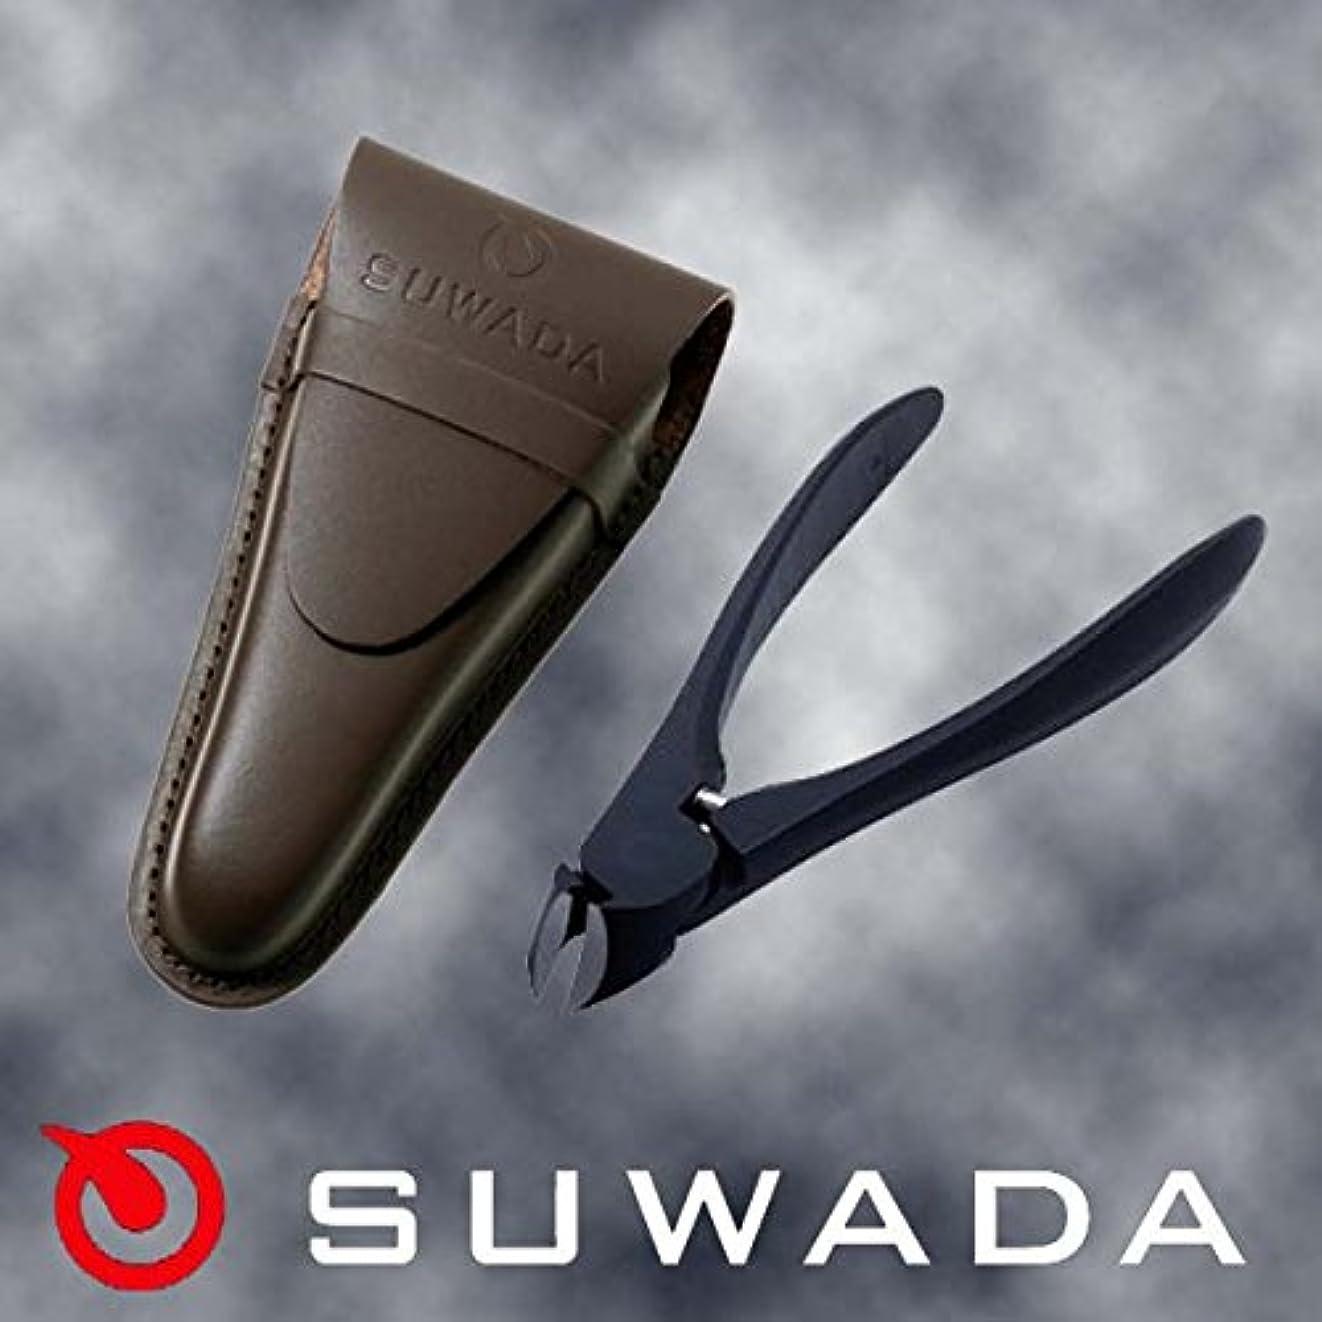 びん粘性のほぼSUWADA 爪切りブラックS&ブラウン革ケースセット 諏訪田製作所 スワダ爪切り